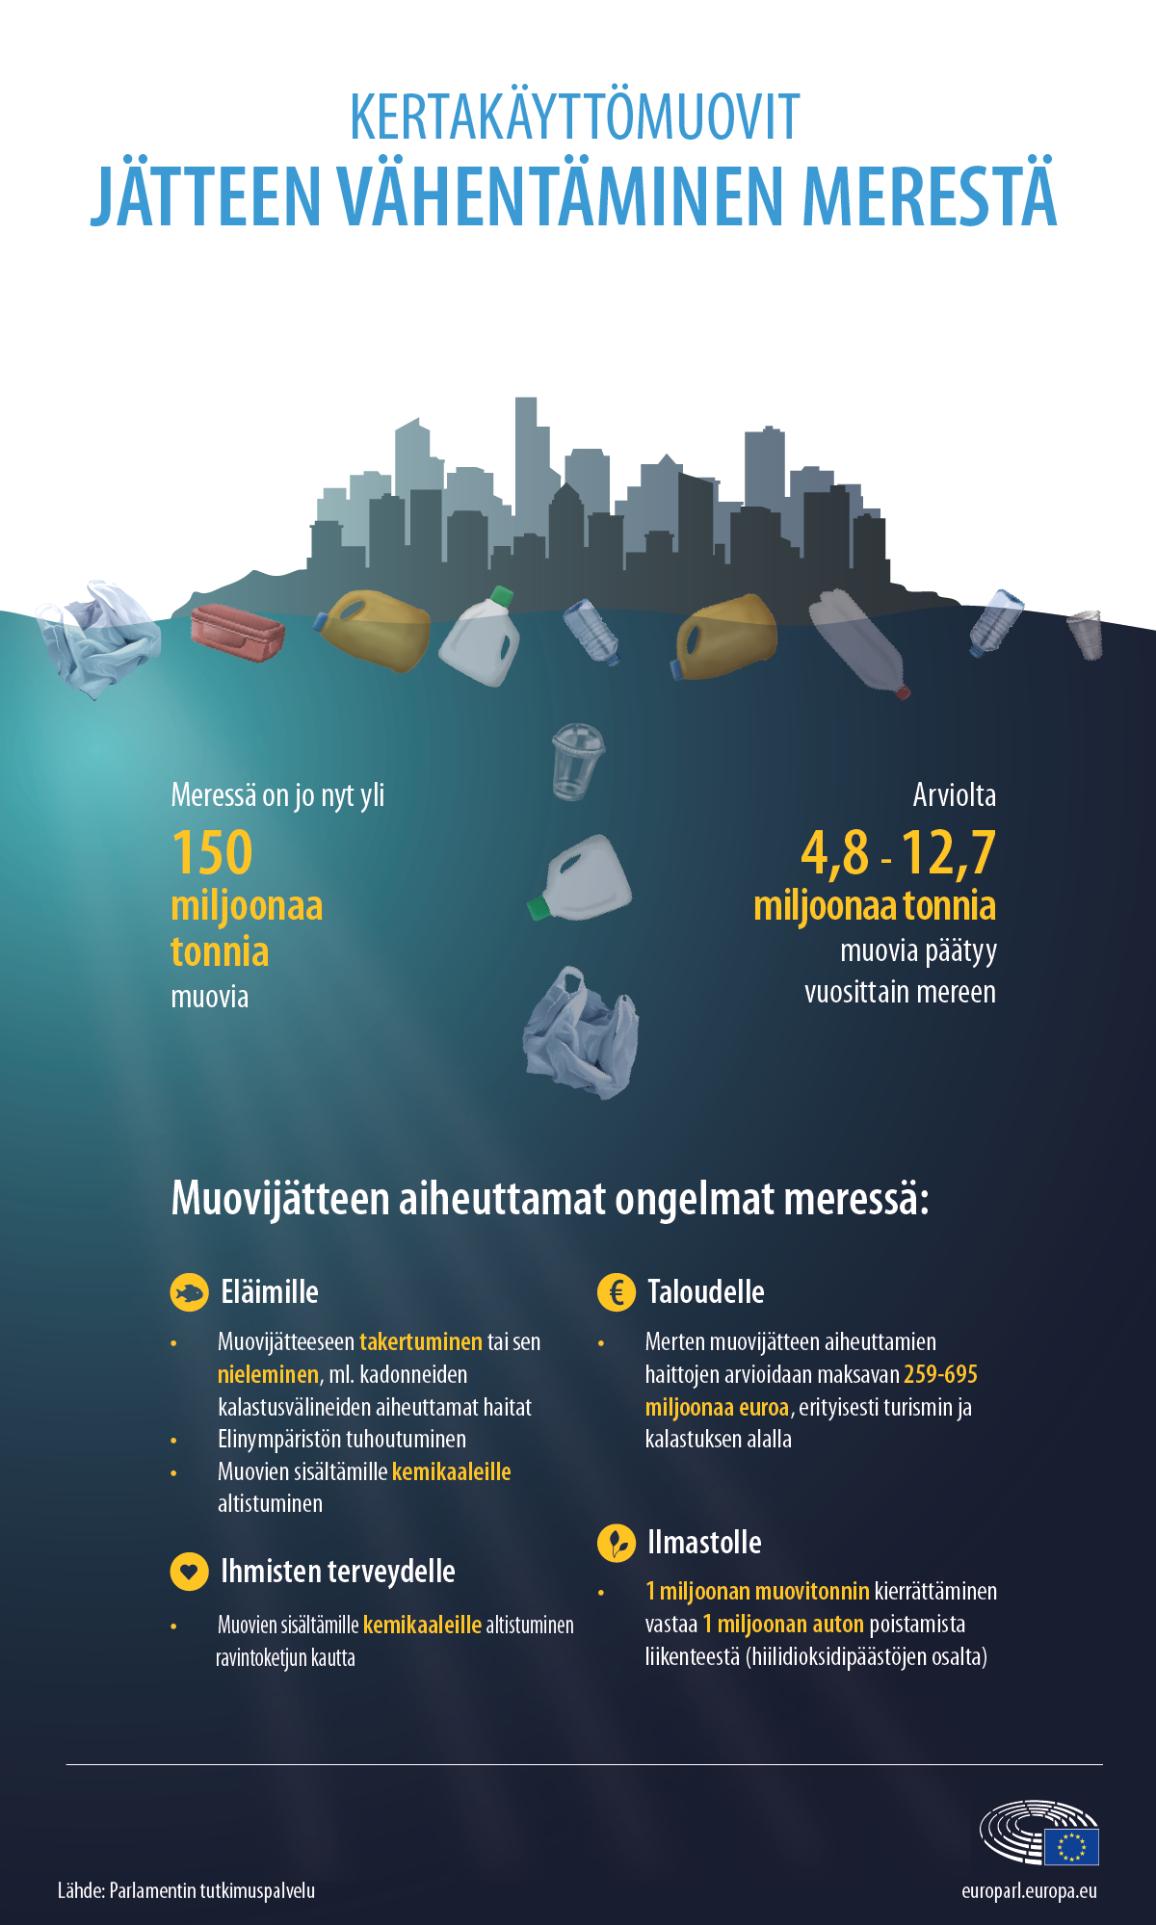 Infografiikka: keskeistä tietoa muovijätteestä ja sen aiheuttamista ongelmista merissä